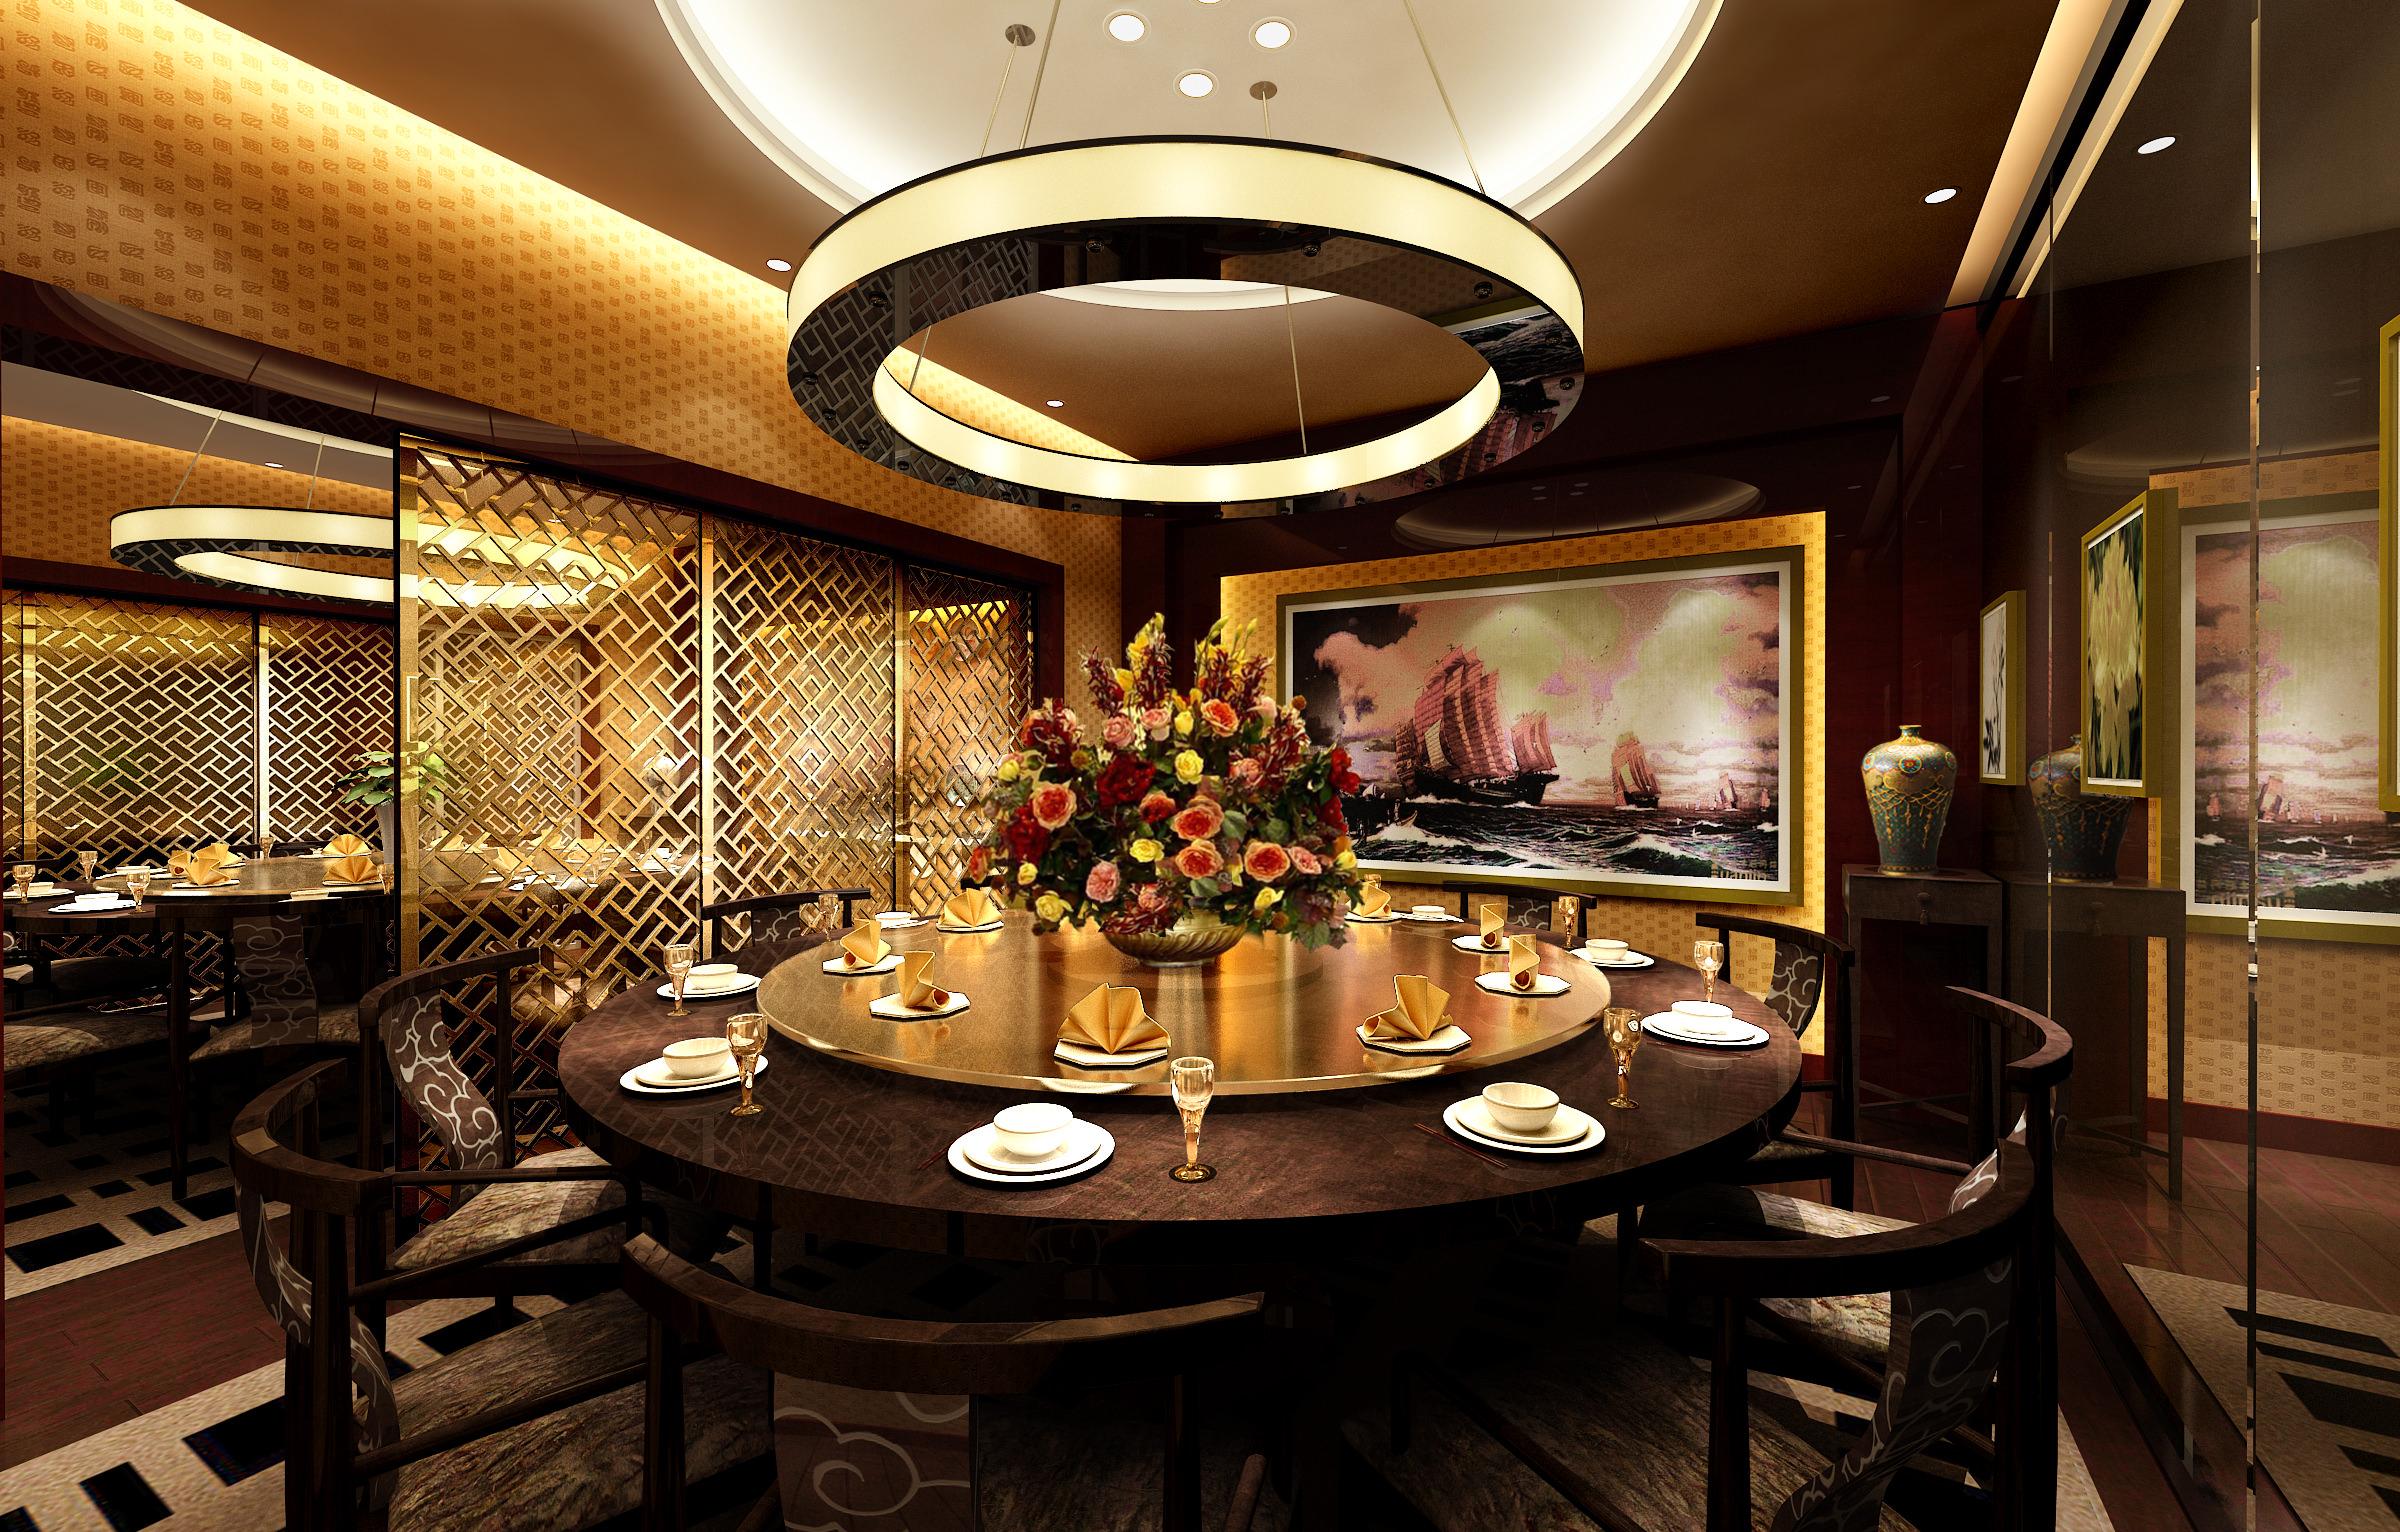 restaurant dining room 3d model max. Black Bedroom Furniture Sets. Home Design Ideas